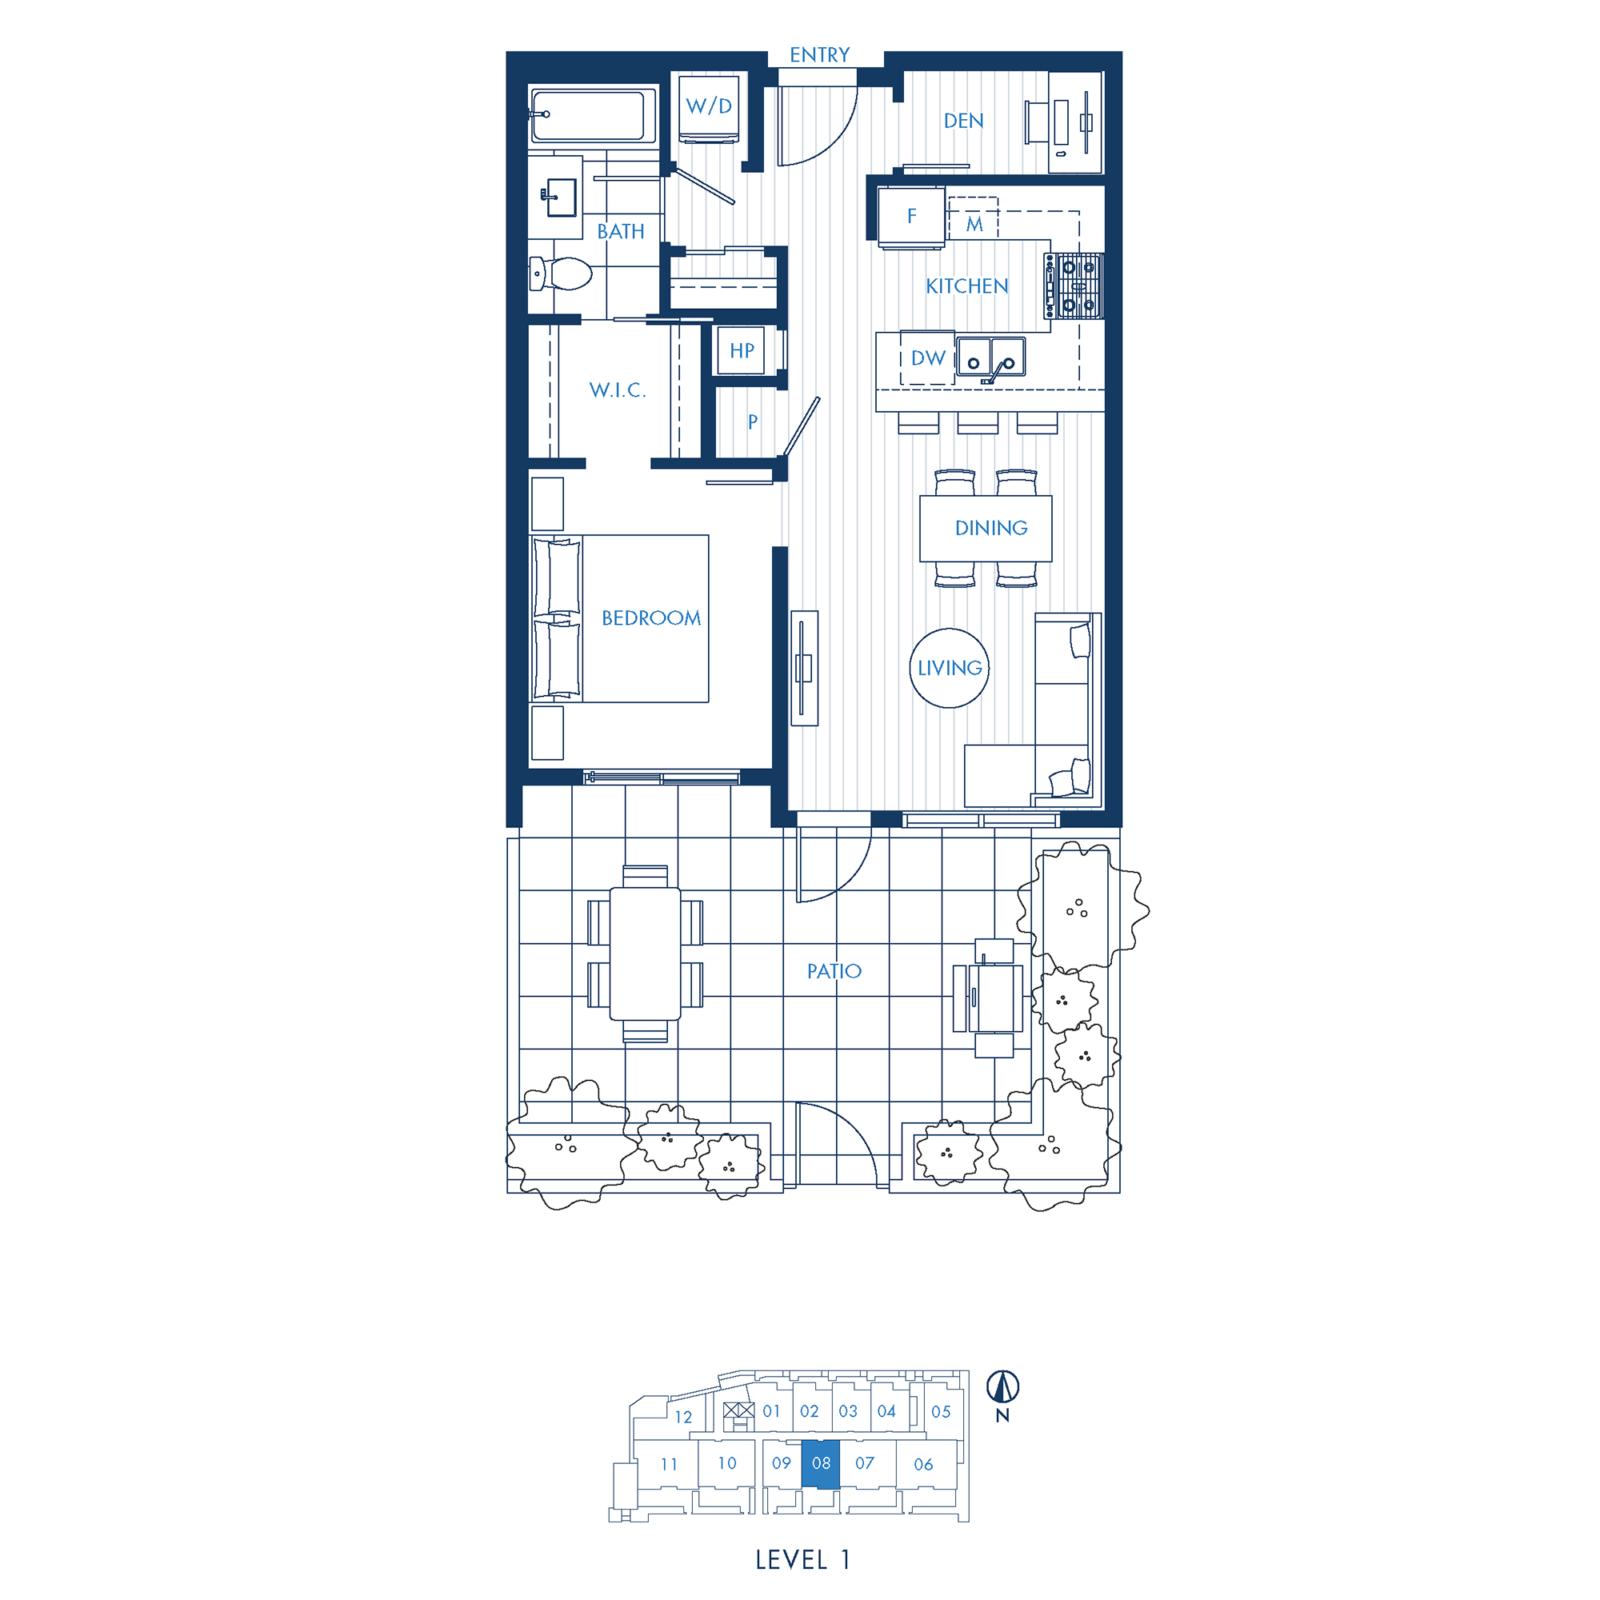 North Building Plan A2